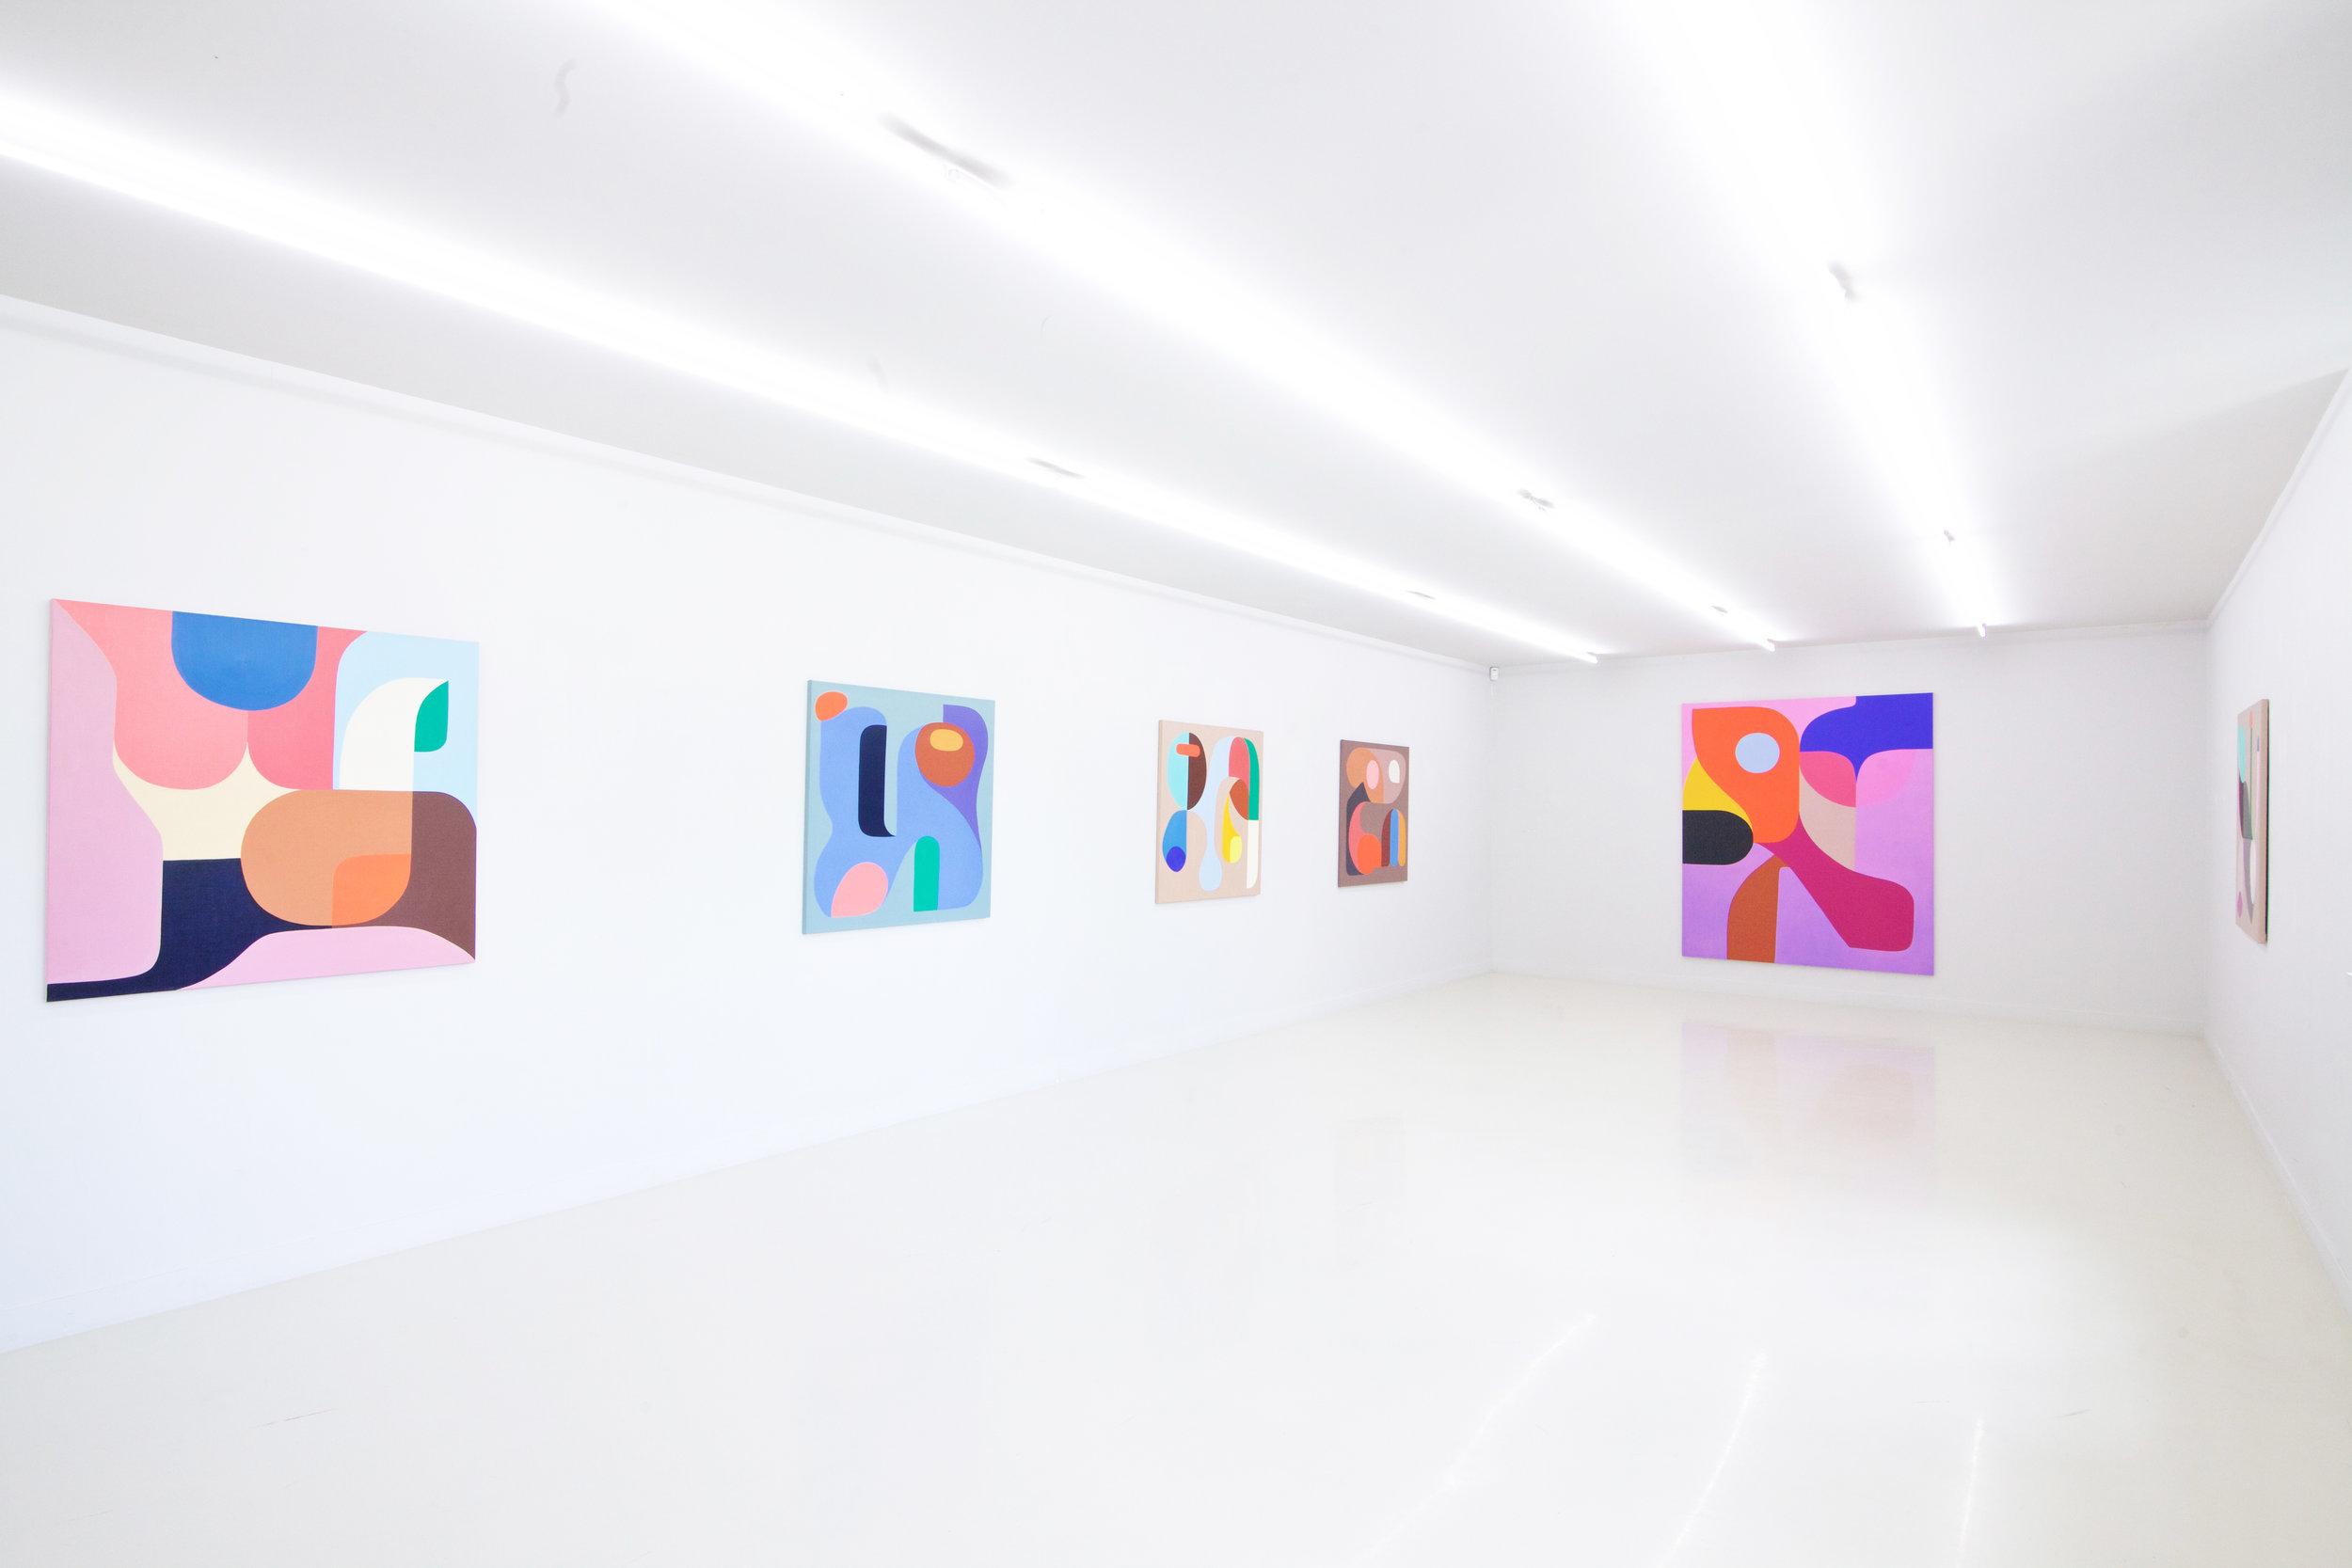 Galerie_Bessieres_05_2019_MG_5909 3.jpg